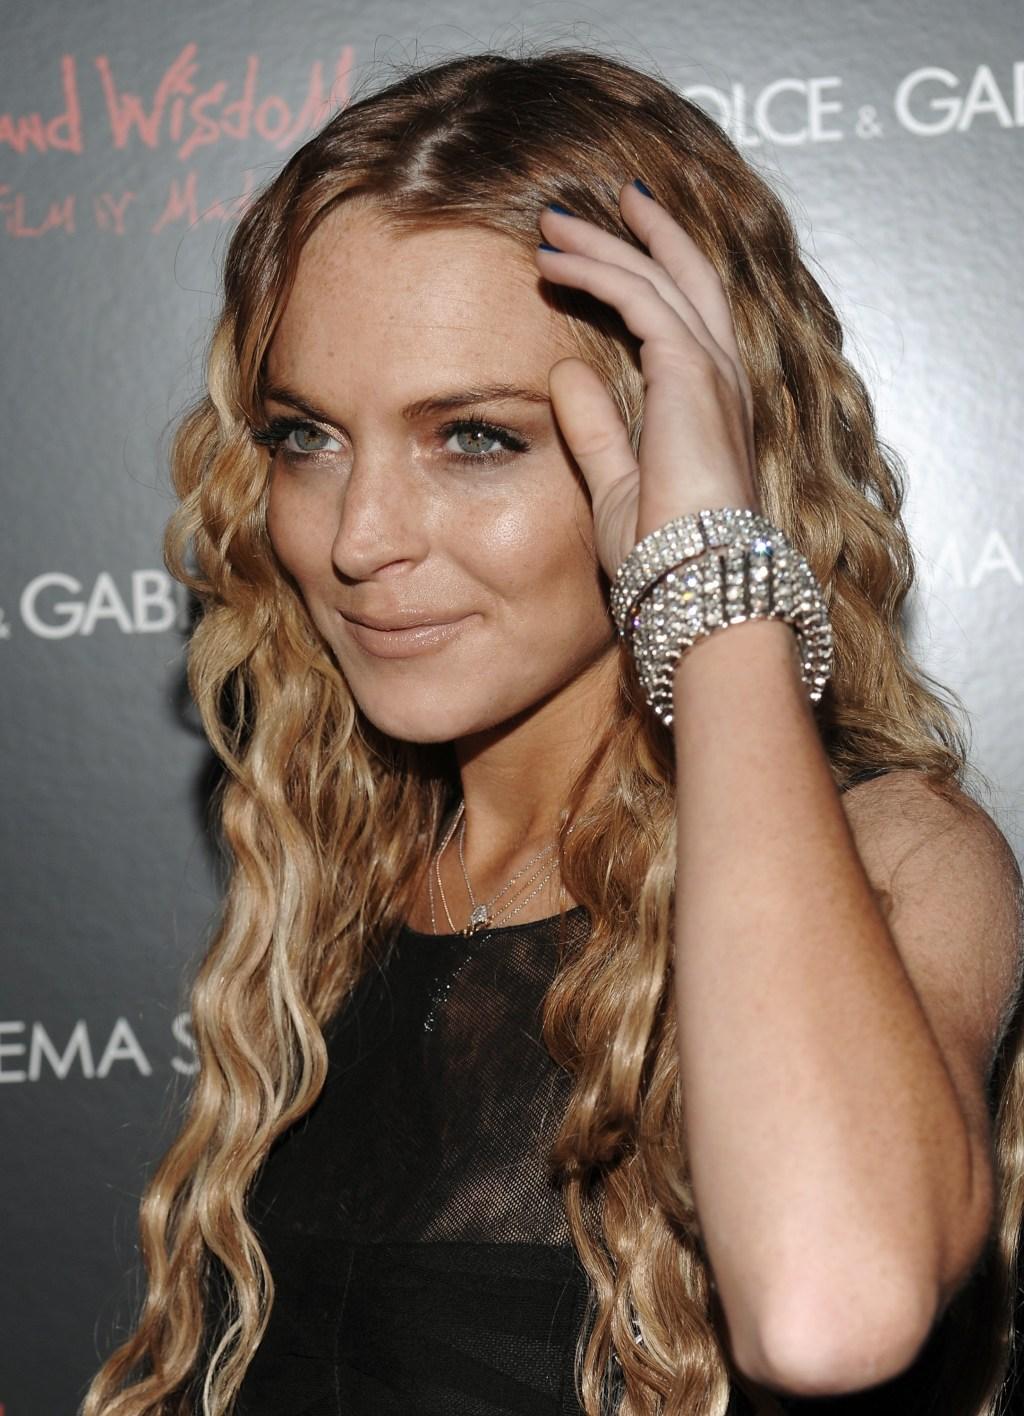 081013038286 Lindsay Lohan